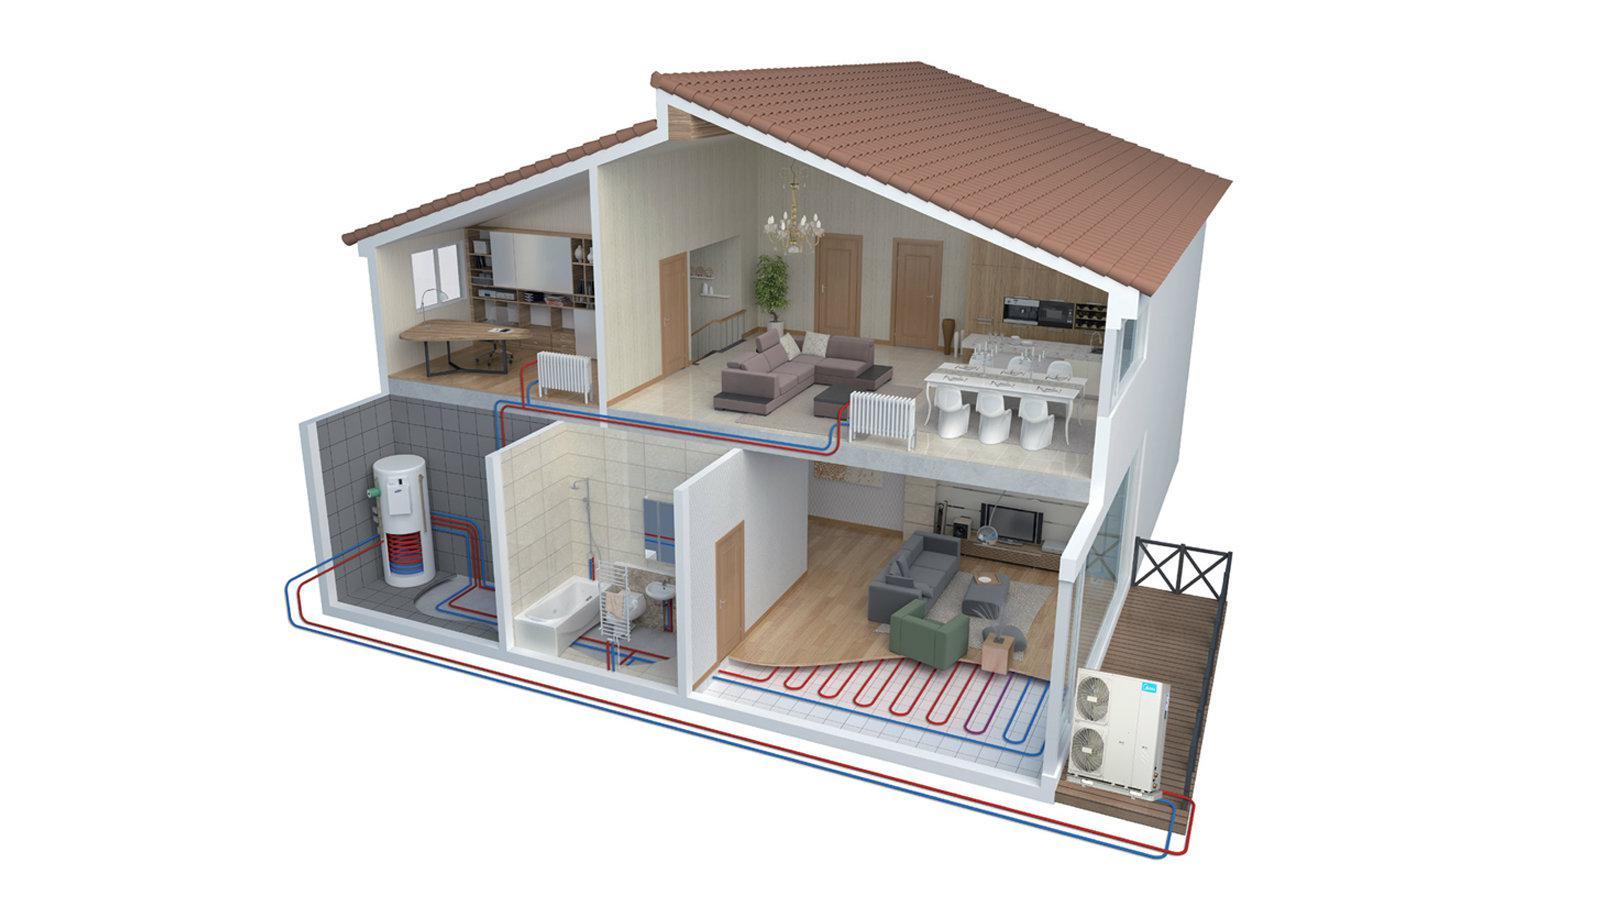 Ο όμιλος Τουρνικιώτη δραστηριοποιείται στο χώρο του κλιματισμού και των ανανεώσιμων πηγών ενέργειας με πλήθος εγκαταστάσεων σε κάθε τύπου επαγγελματικές, οικιακές και βιομηχανικές εφαρμογές.